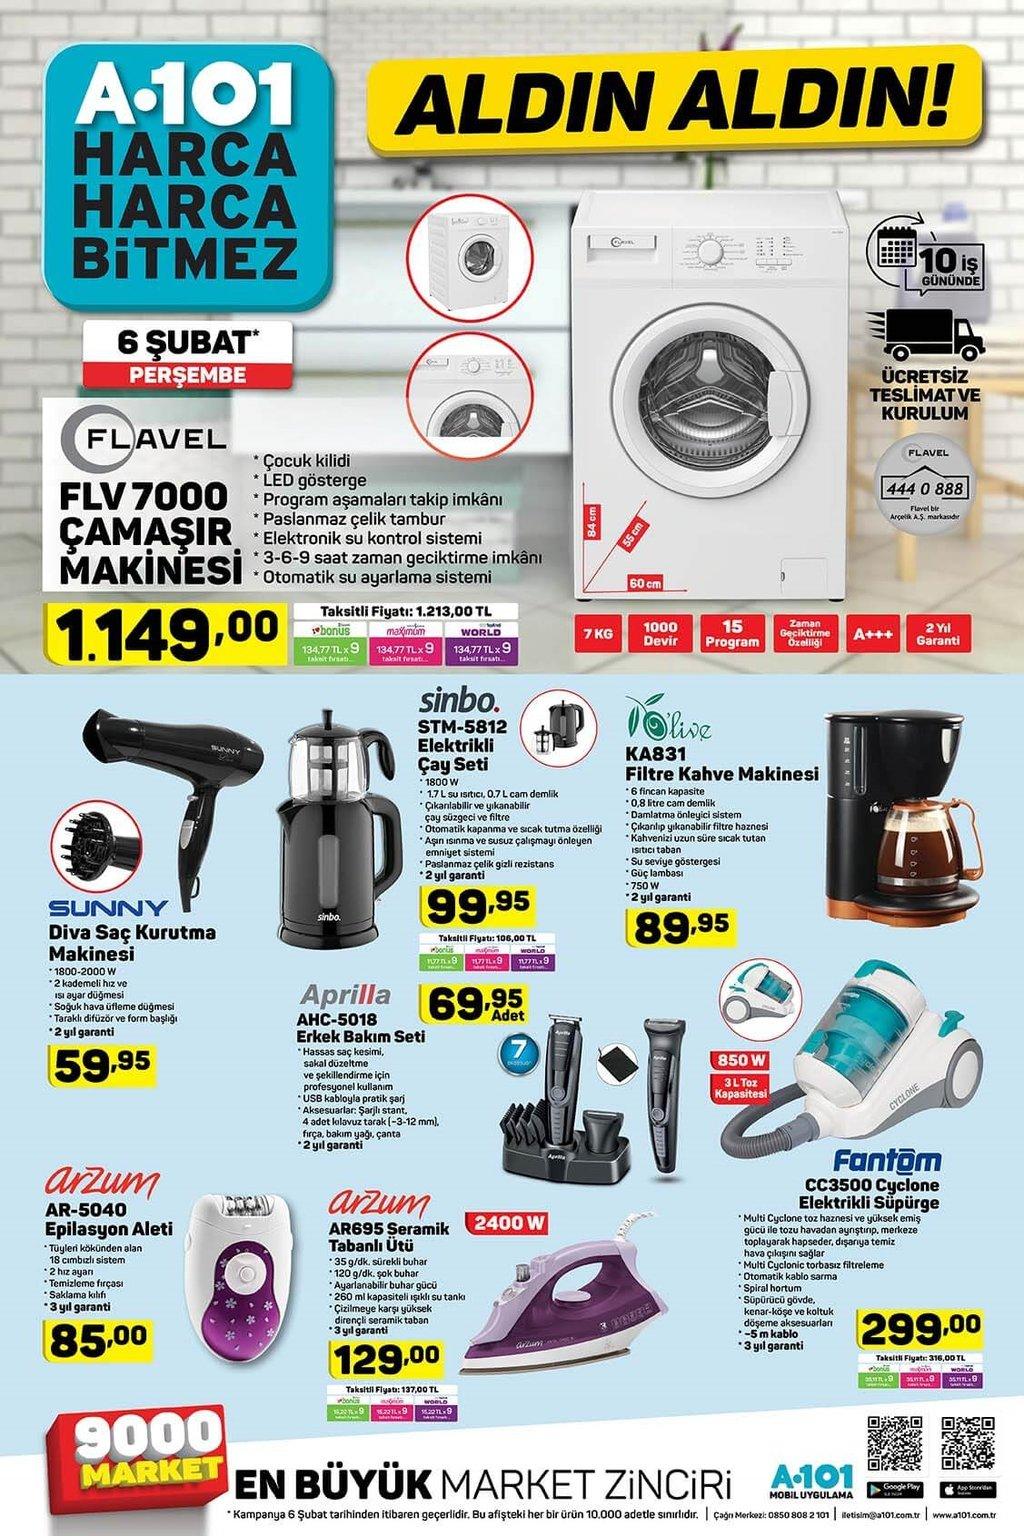 A101 aktüel ürünler kataloğu 6 Şubat Perşembe!